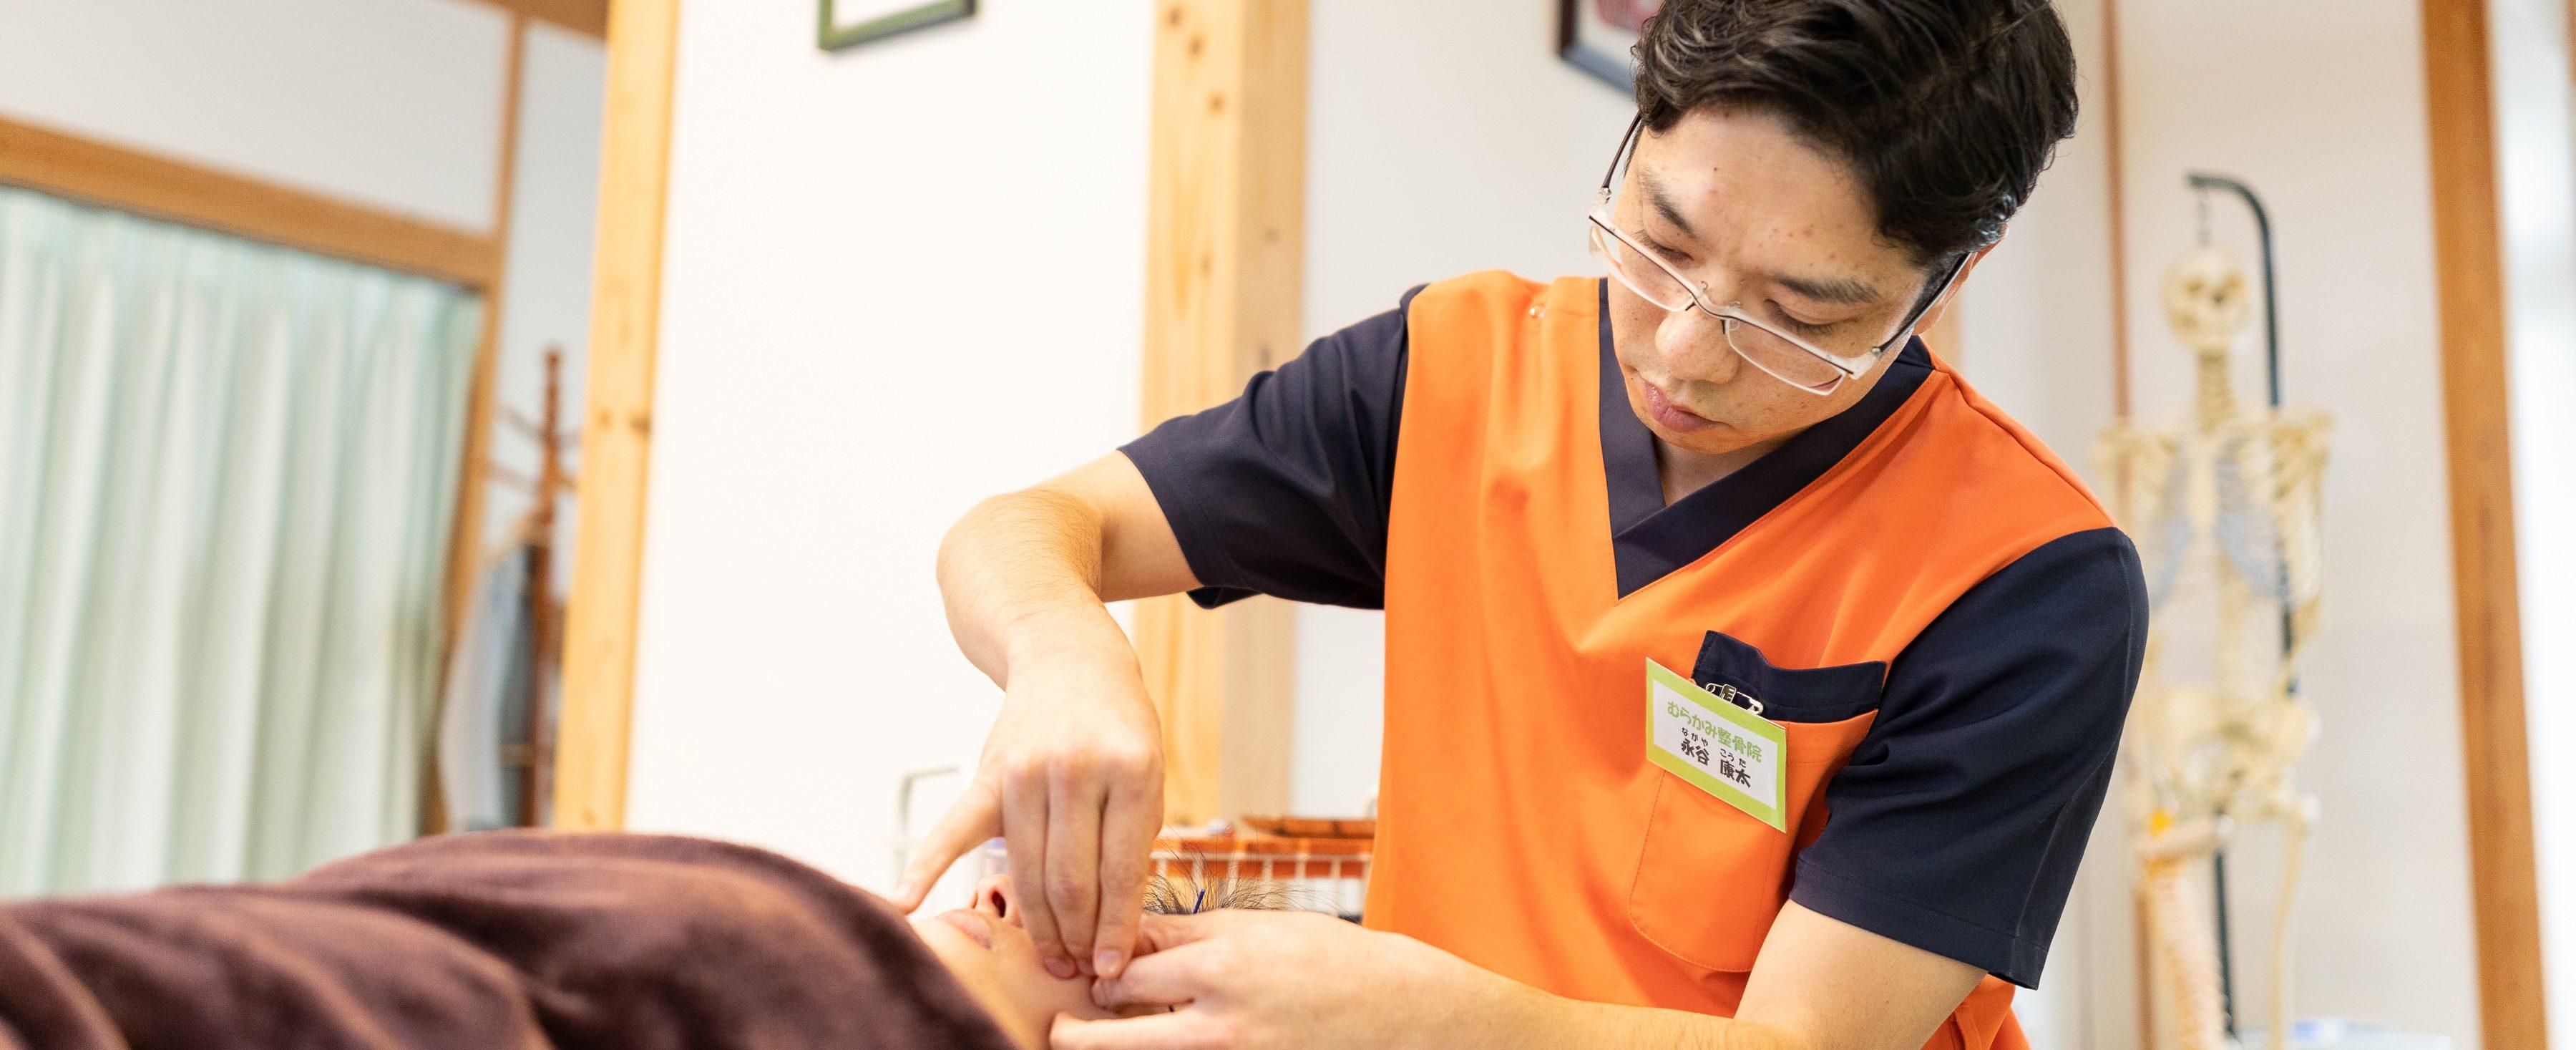 鍼灸施術|岩沼市で鍼灸治療なら、むらかみ整骨院へ